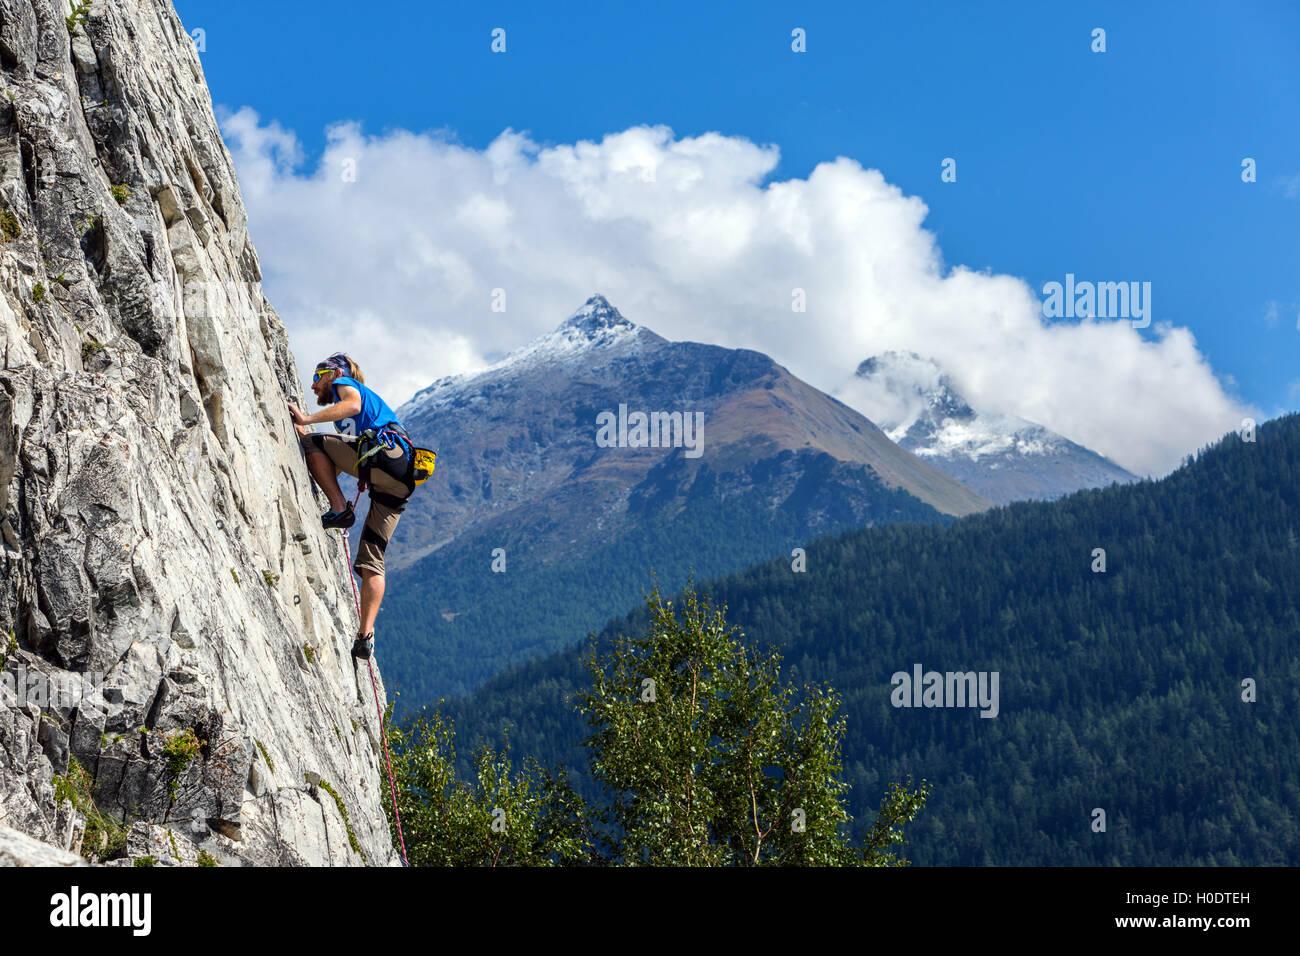 Slim male rock climber en bleu sur steep rock face, avec ciel bleu montagnes et nuages Photo Stock